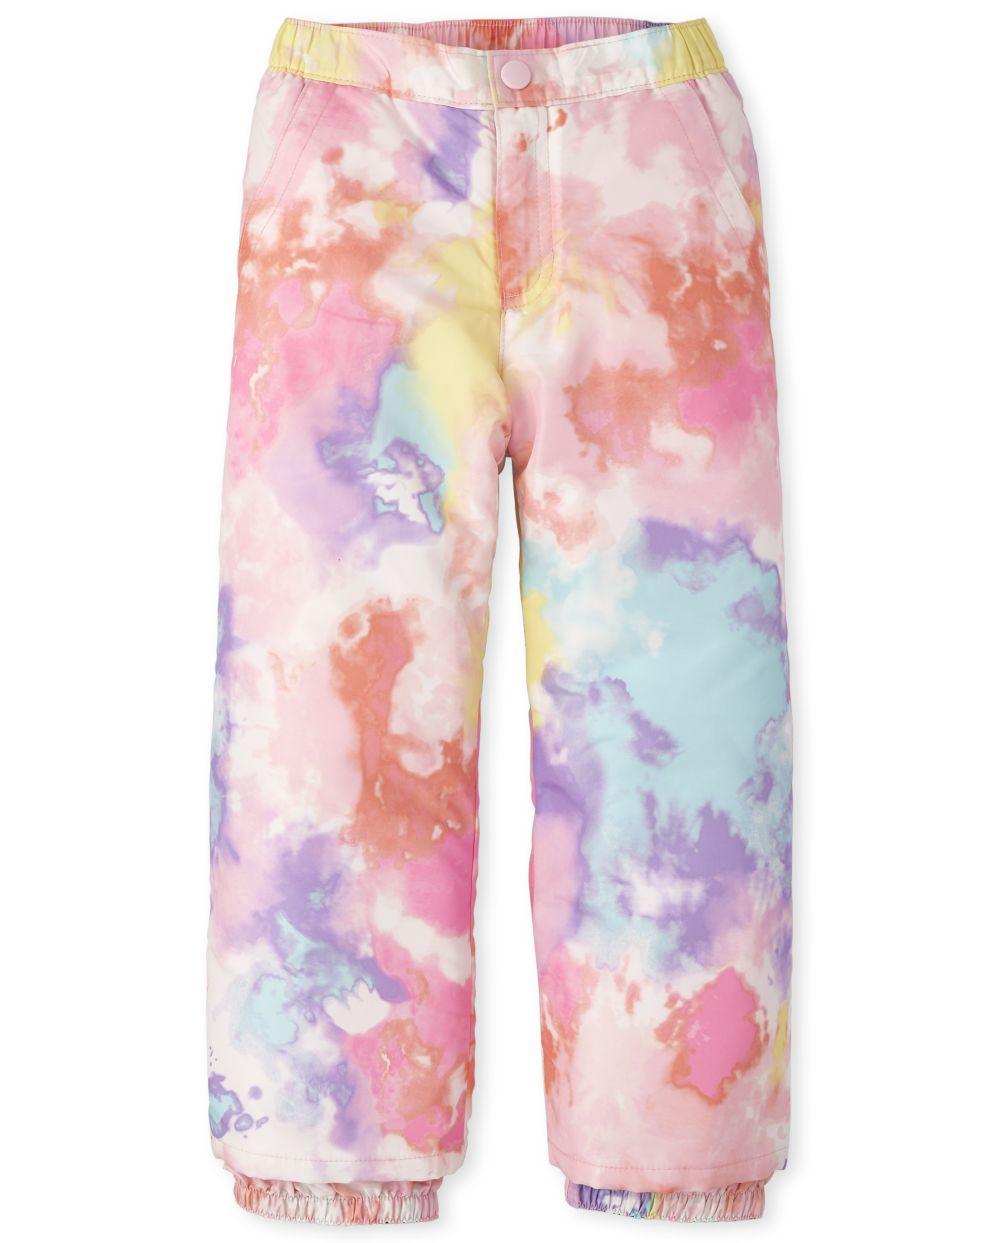 Pantalones de nieve estampados para niñas